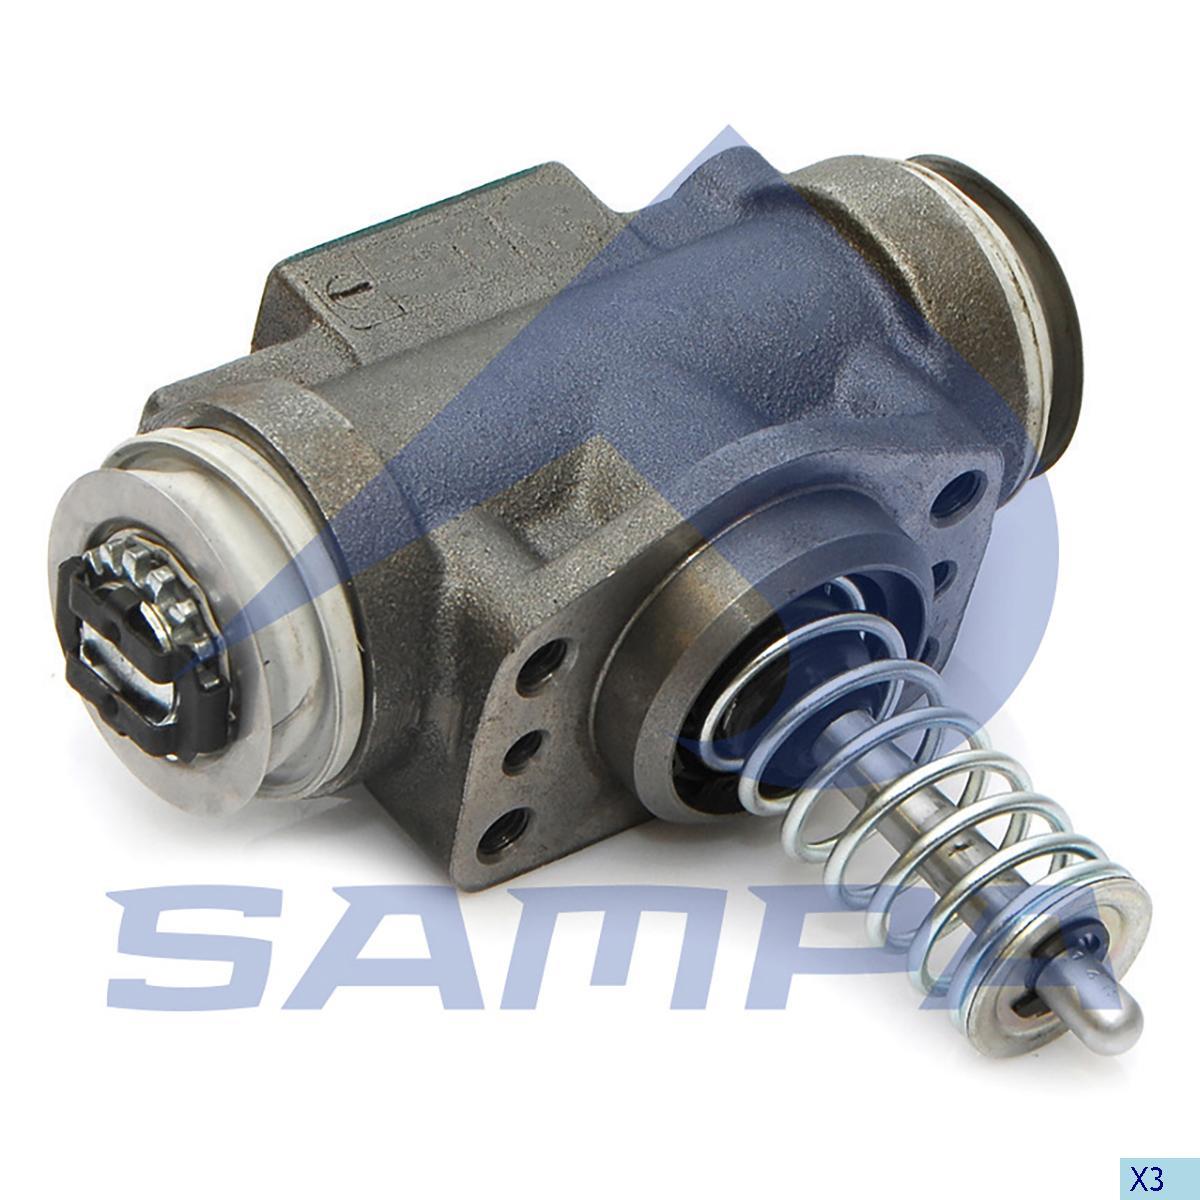 Adjusting Cylinder Assembly, Brake Adjuster, R.V.I., Brake